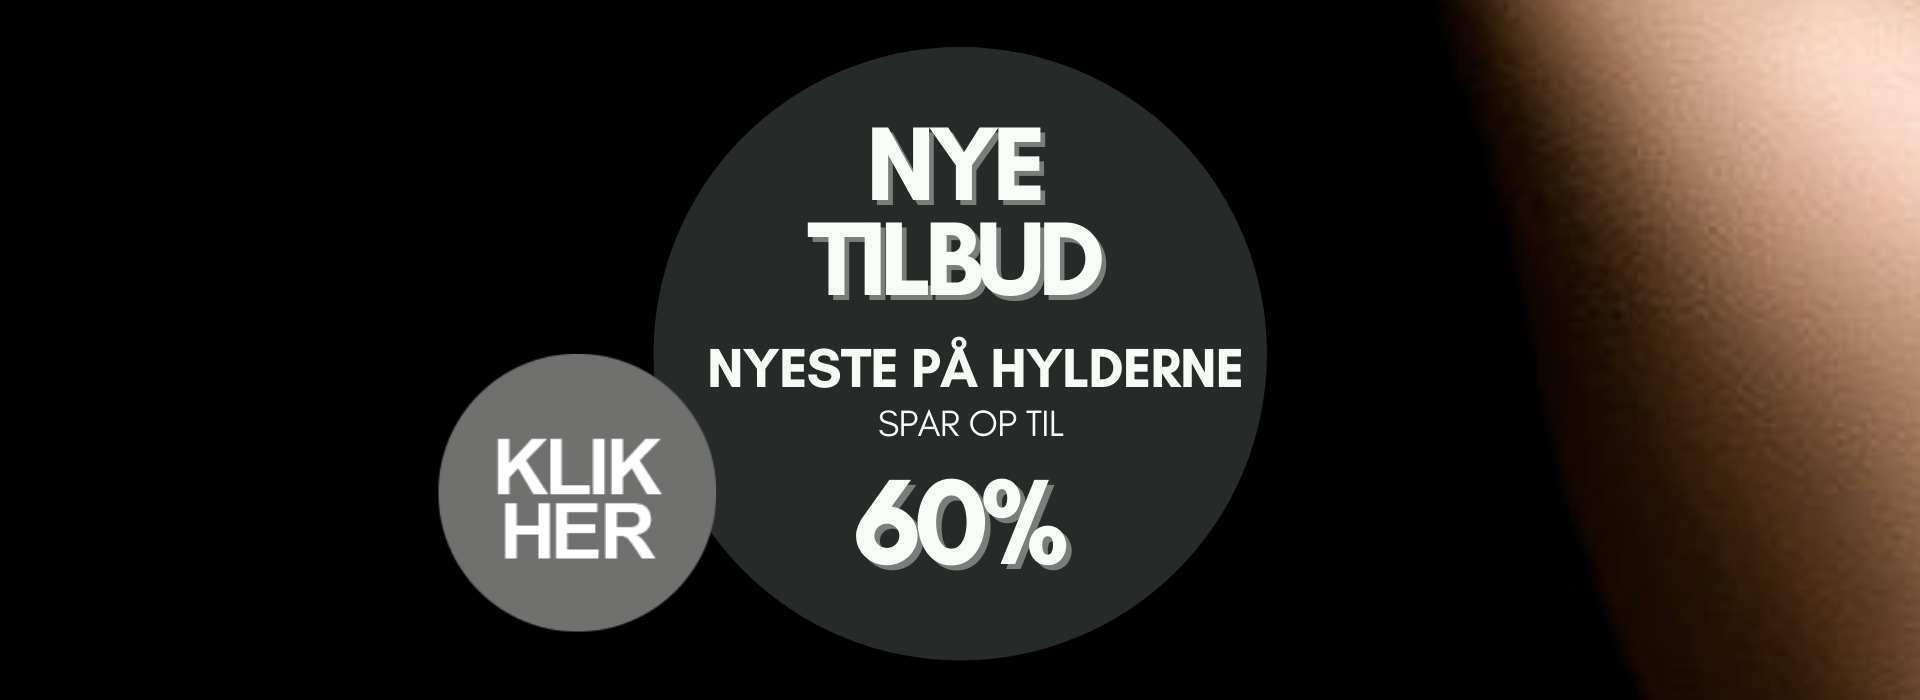 Nyeste tilbud på hylderne hos BilligParfume.dk